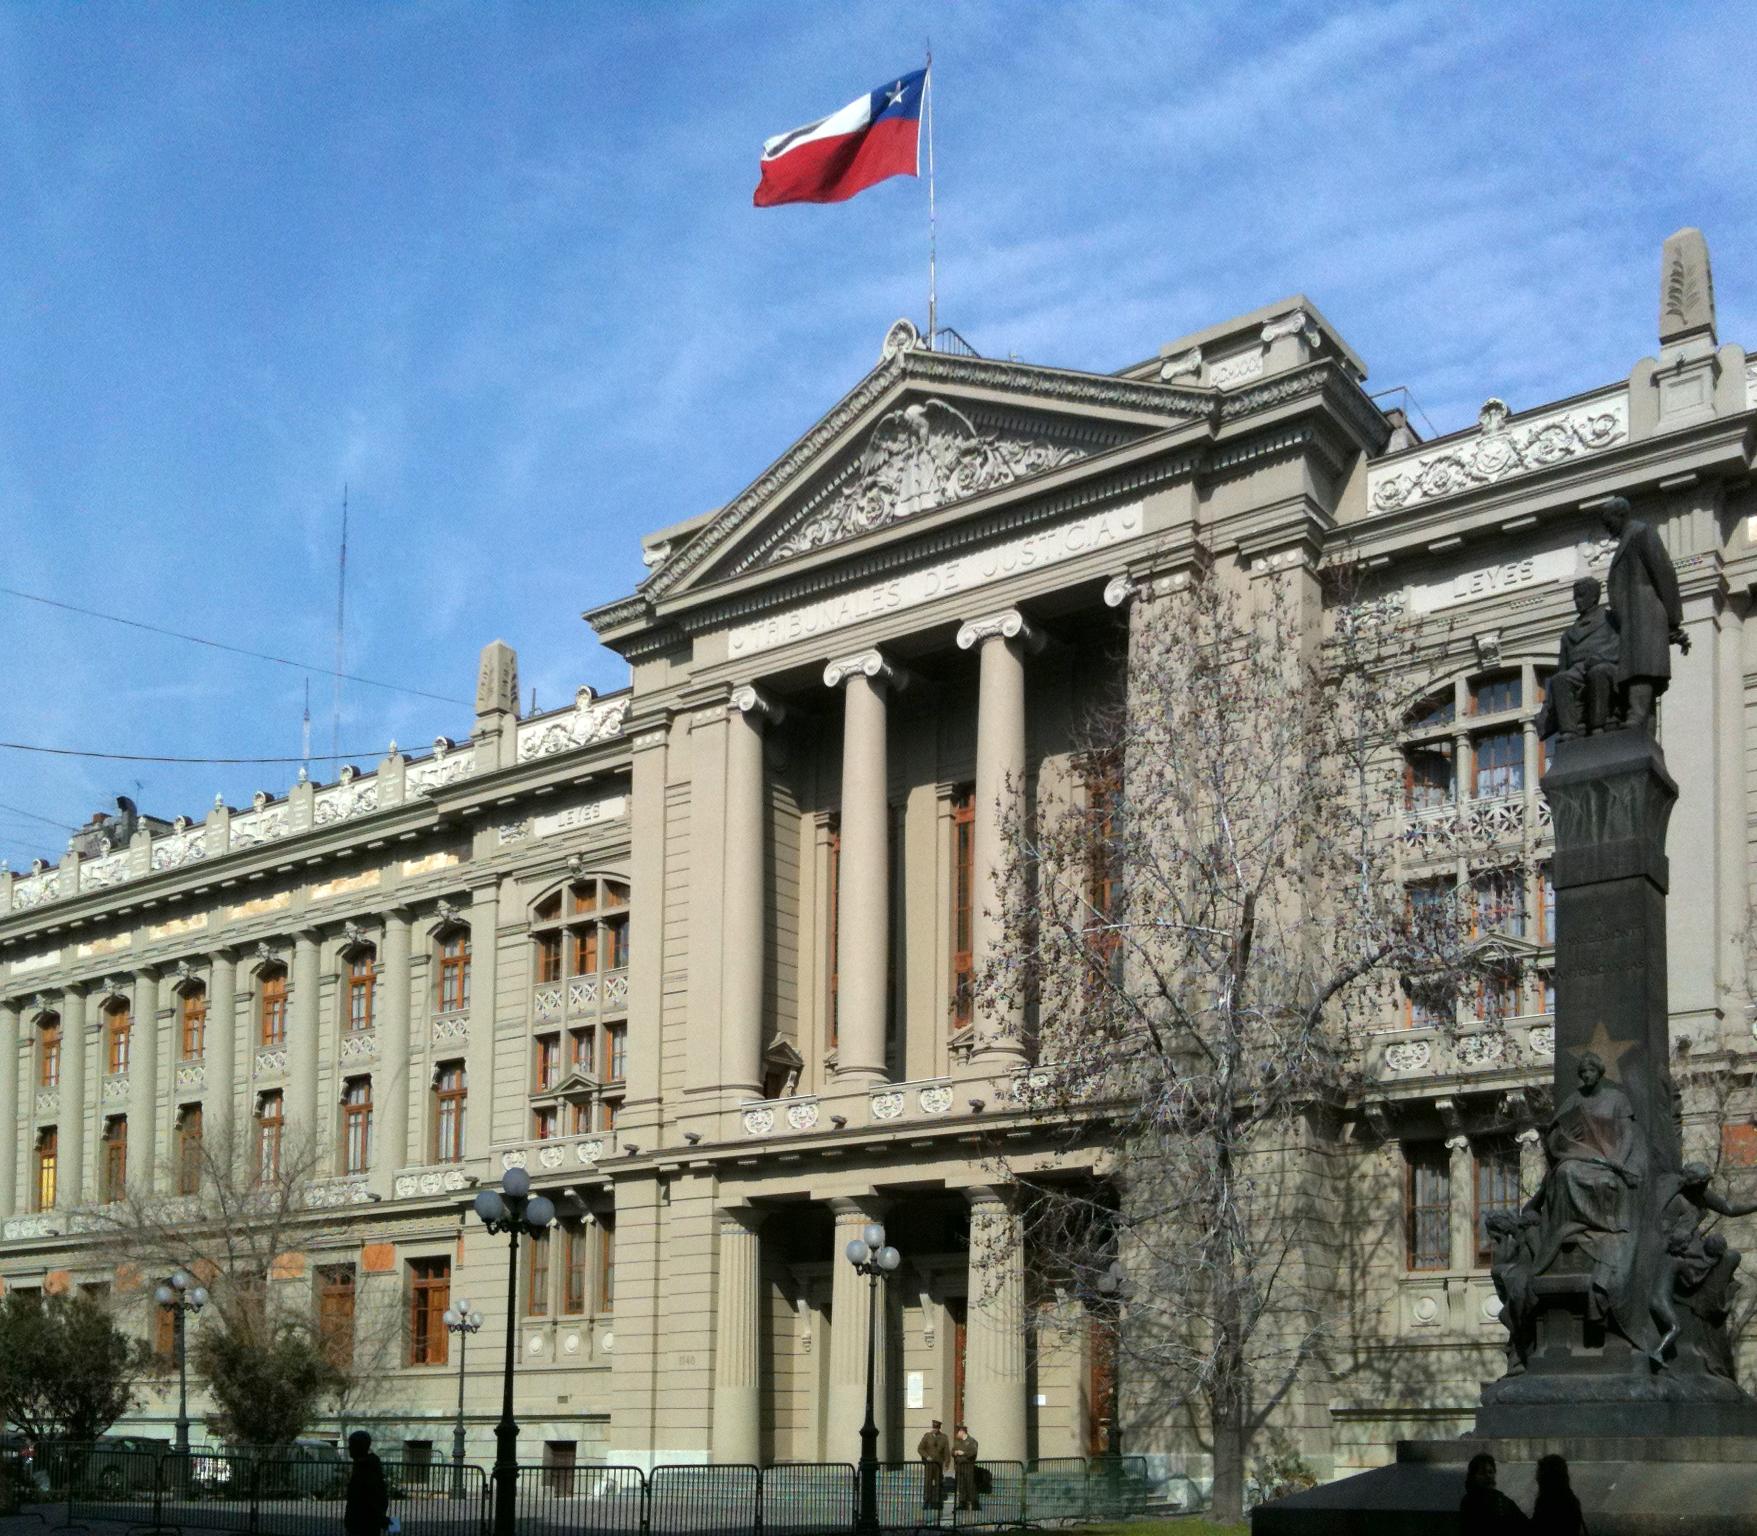 Poder Judicial De Chile Wikipedia La Enciclopedia Libre